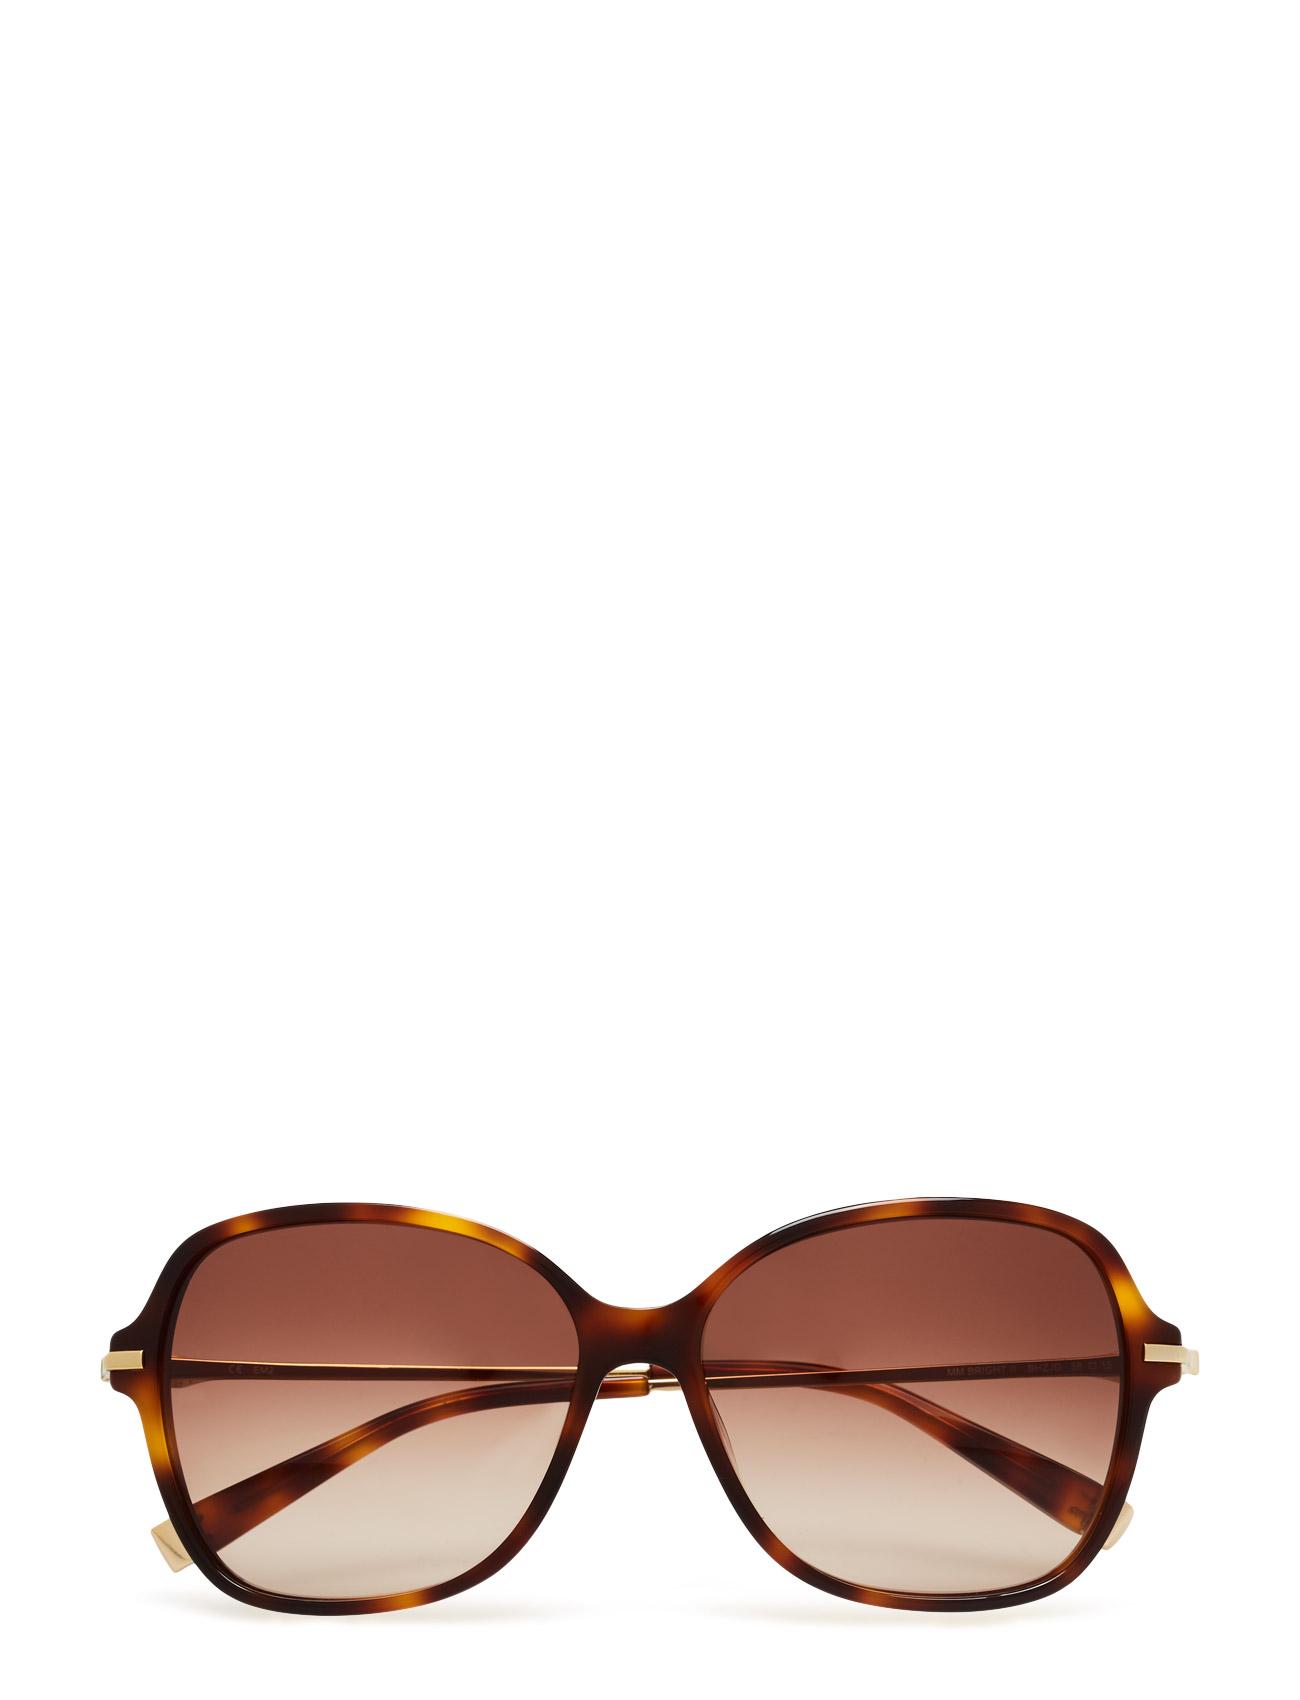 Mm Bright Ii MAXMARA Sunglasses Solbriller til Damer i